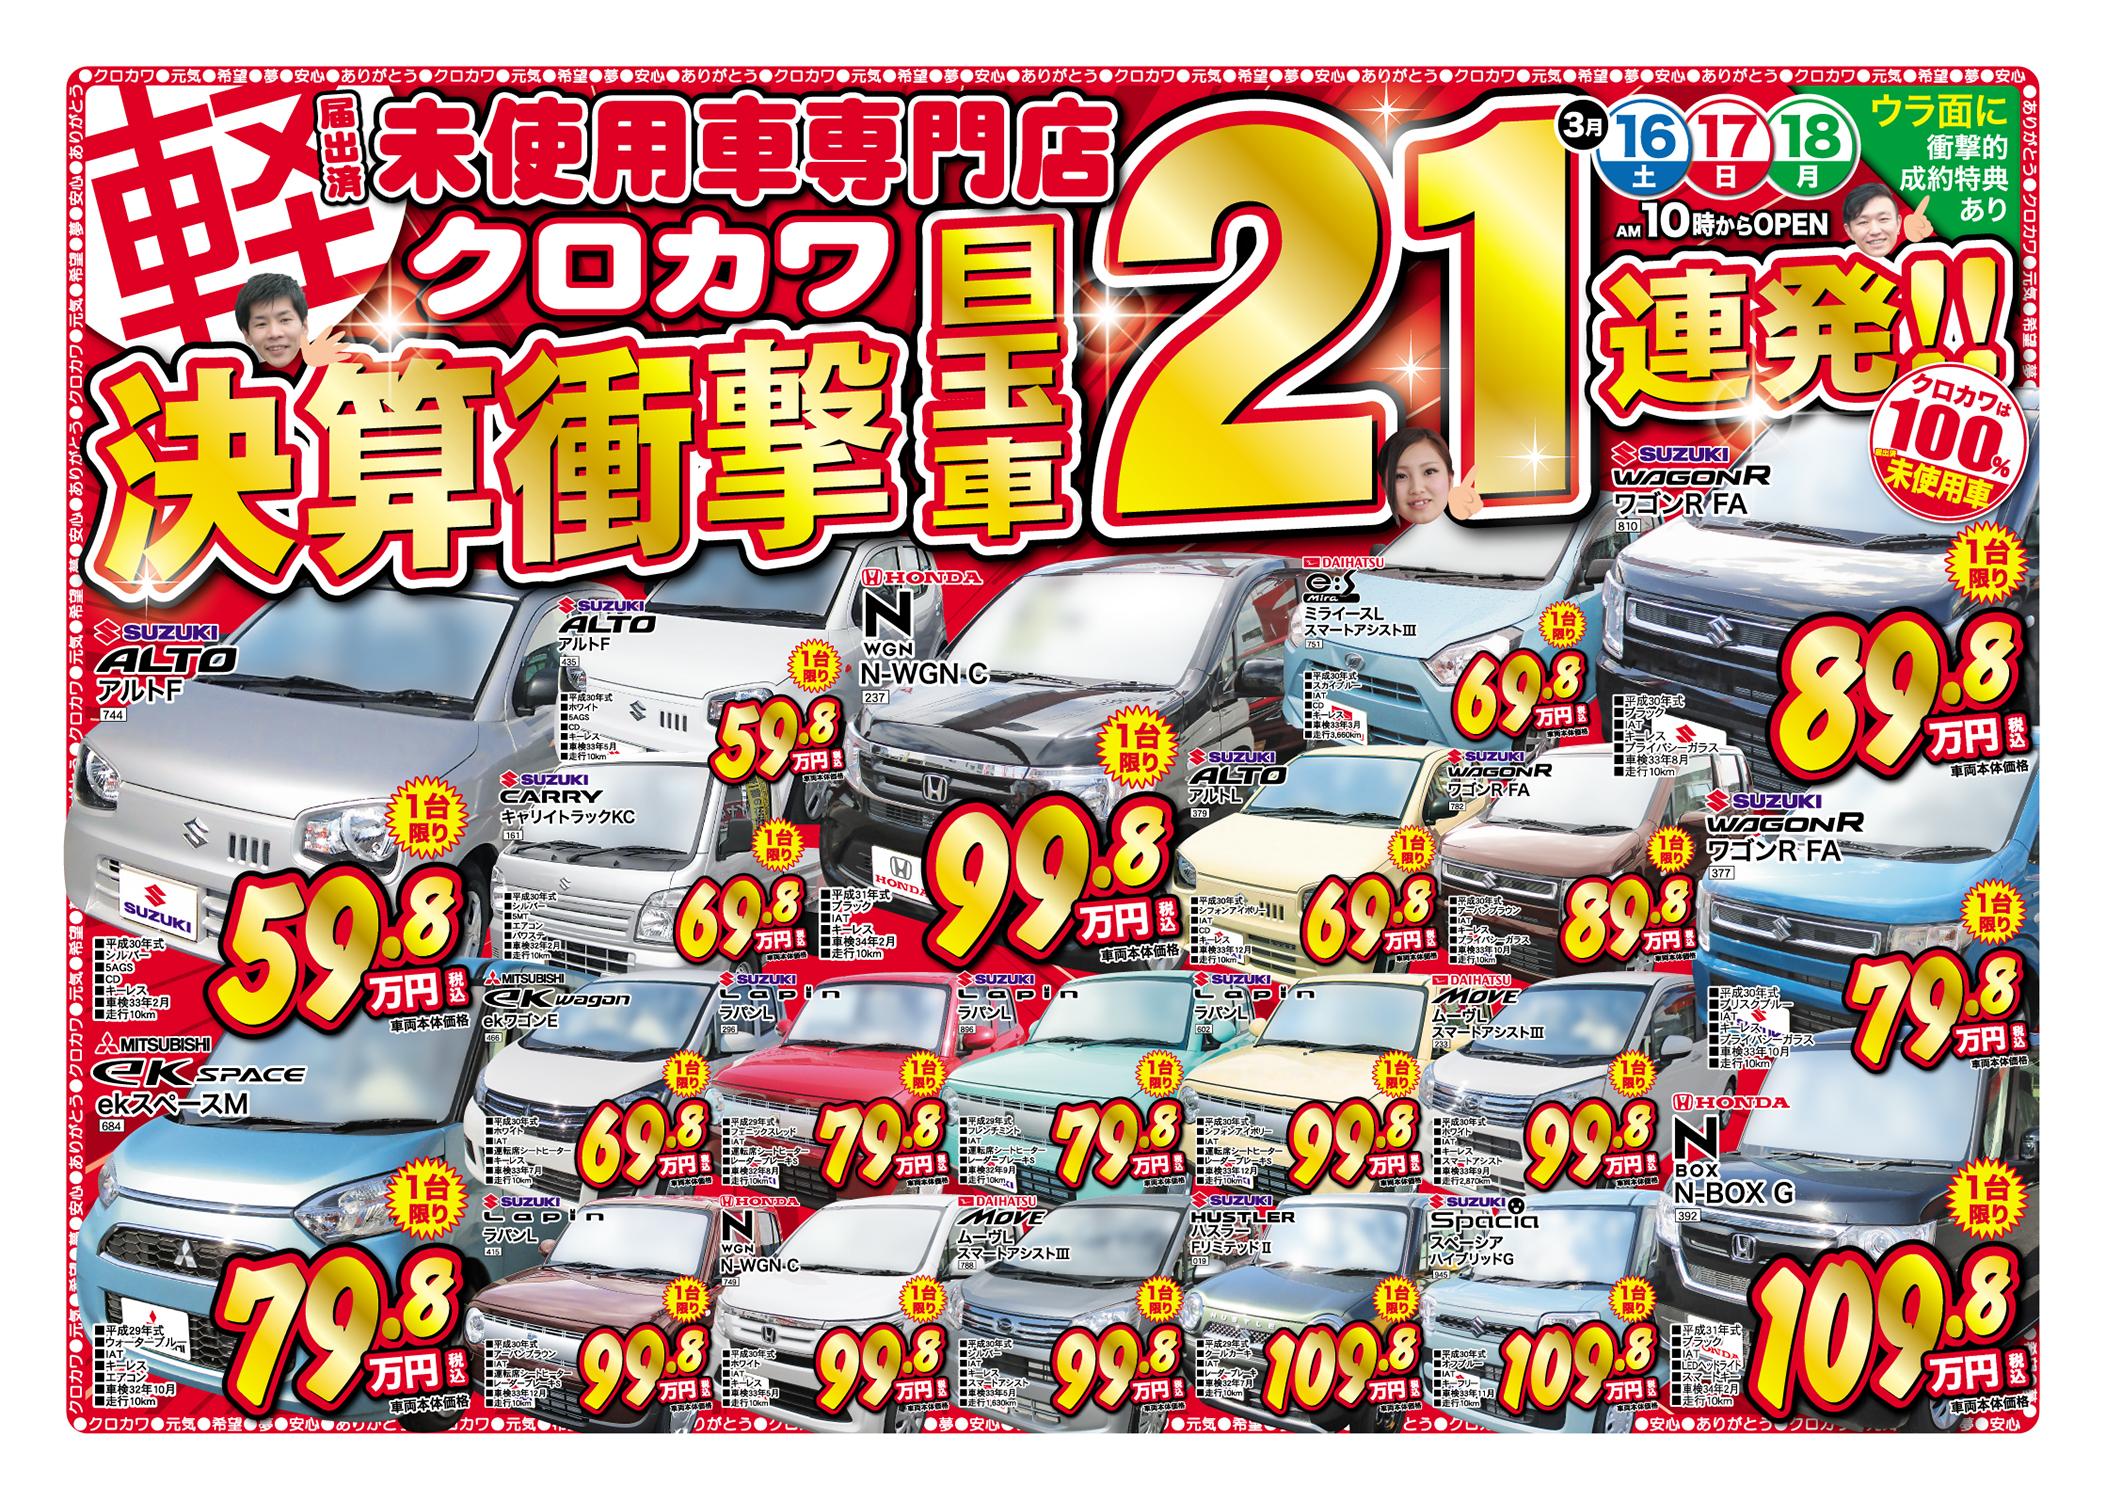 クロカワ決算衝撃 目玉車21連発!